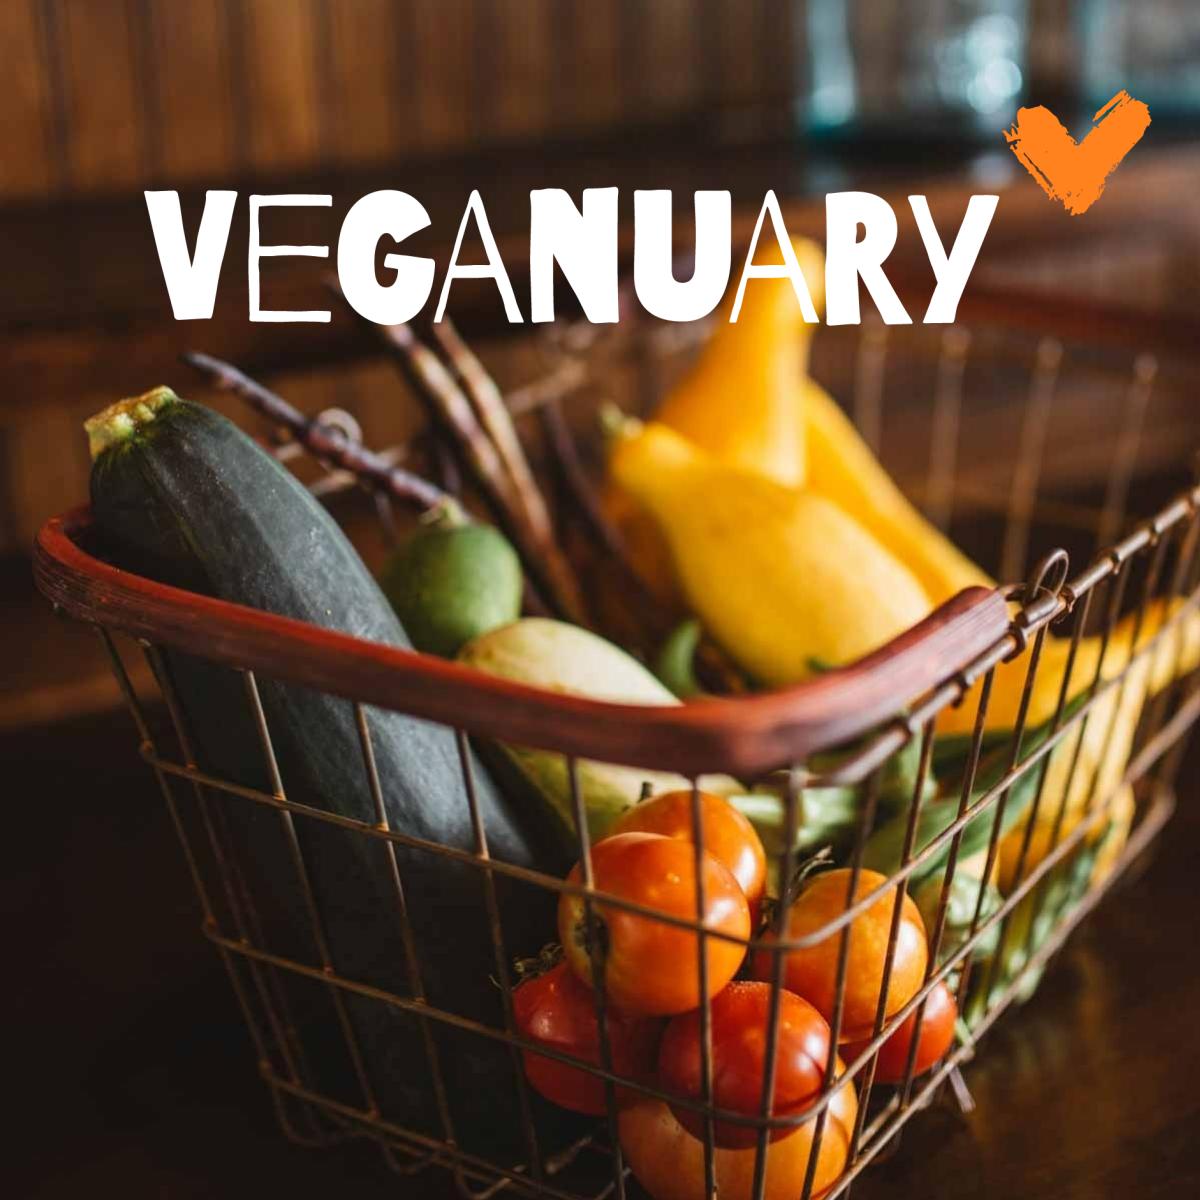 Veganuary Teaser